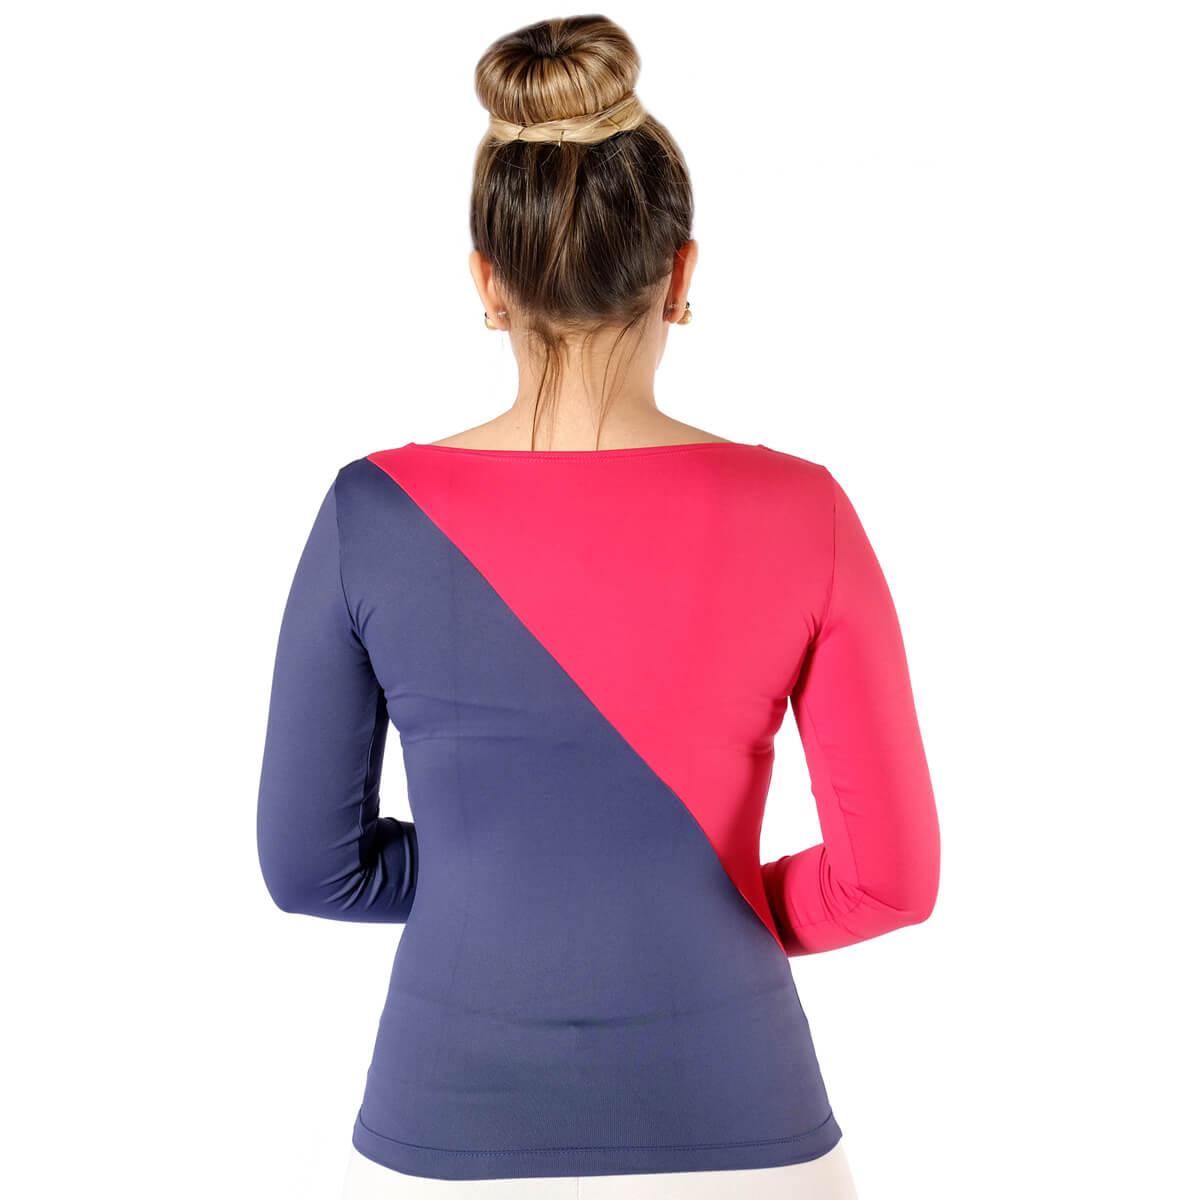 Blusa Com Duas Cores Azul marinho e Vermelha Feminina Manga longa Decote Canoa